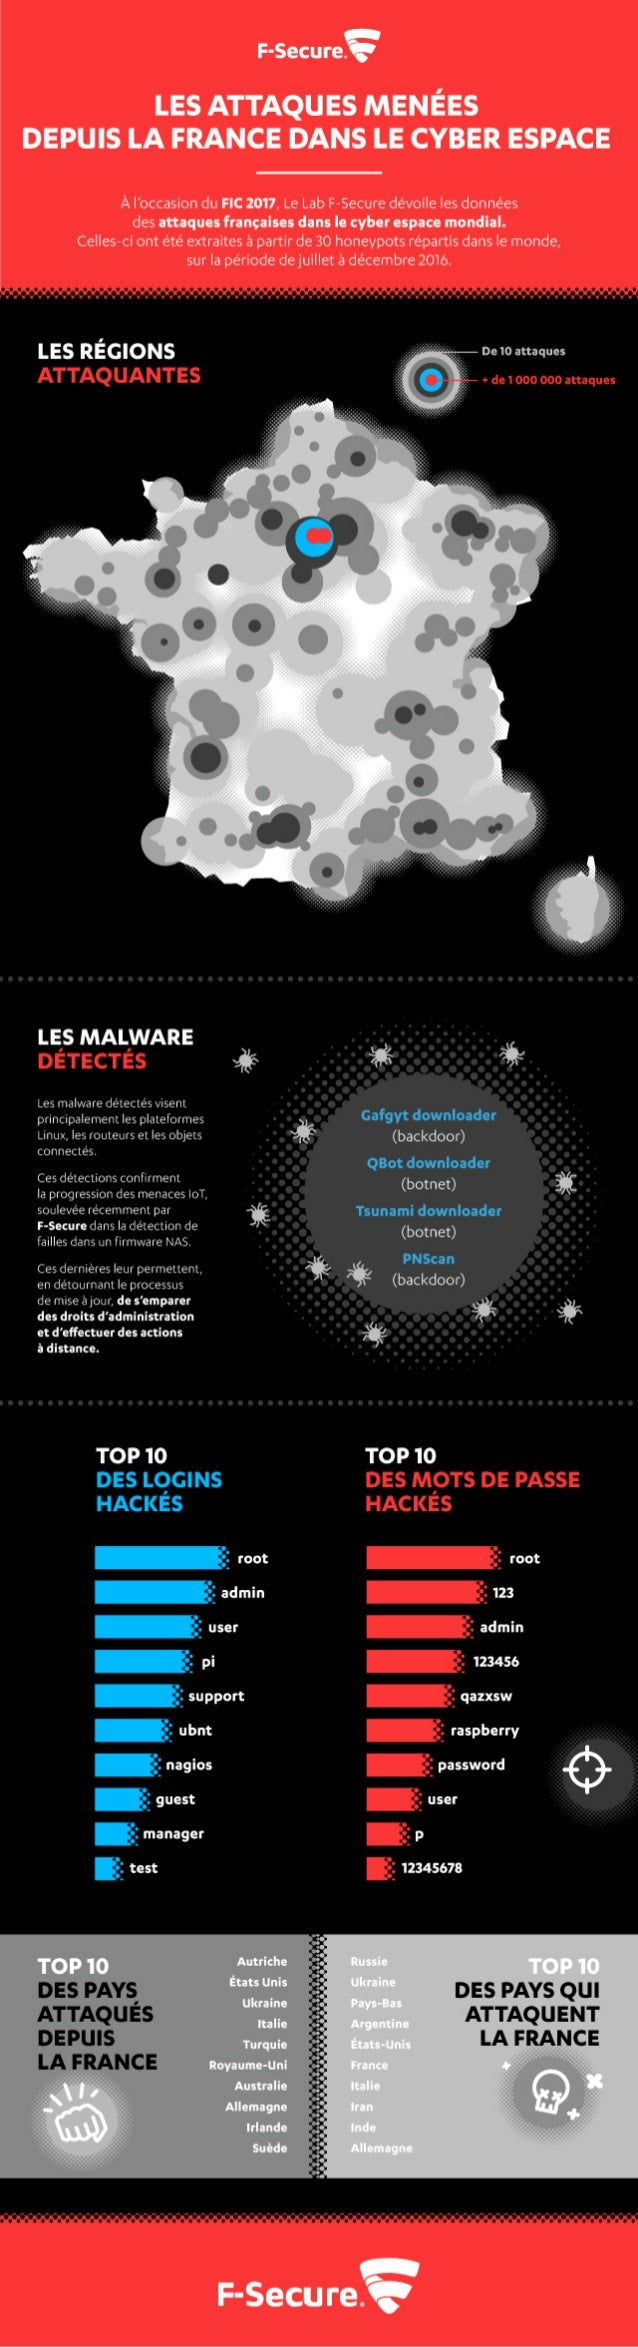 Les attaques menées depuis la France dans le cyber espace